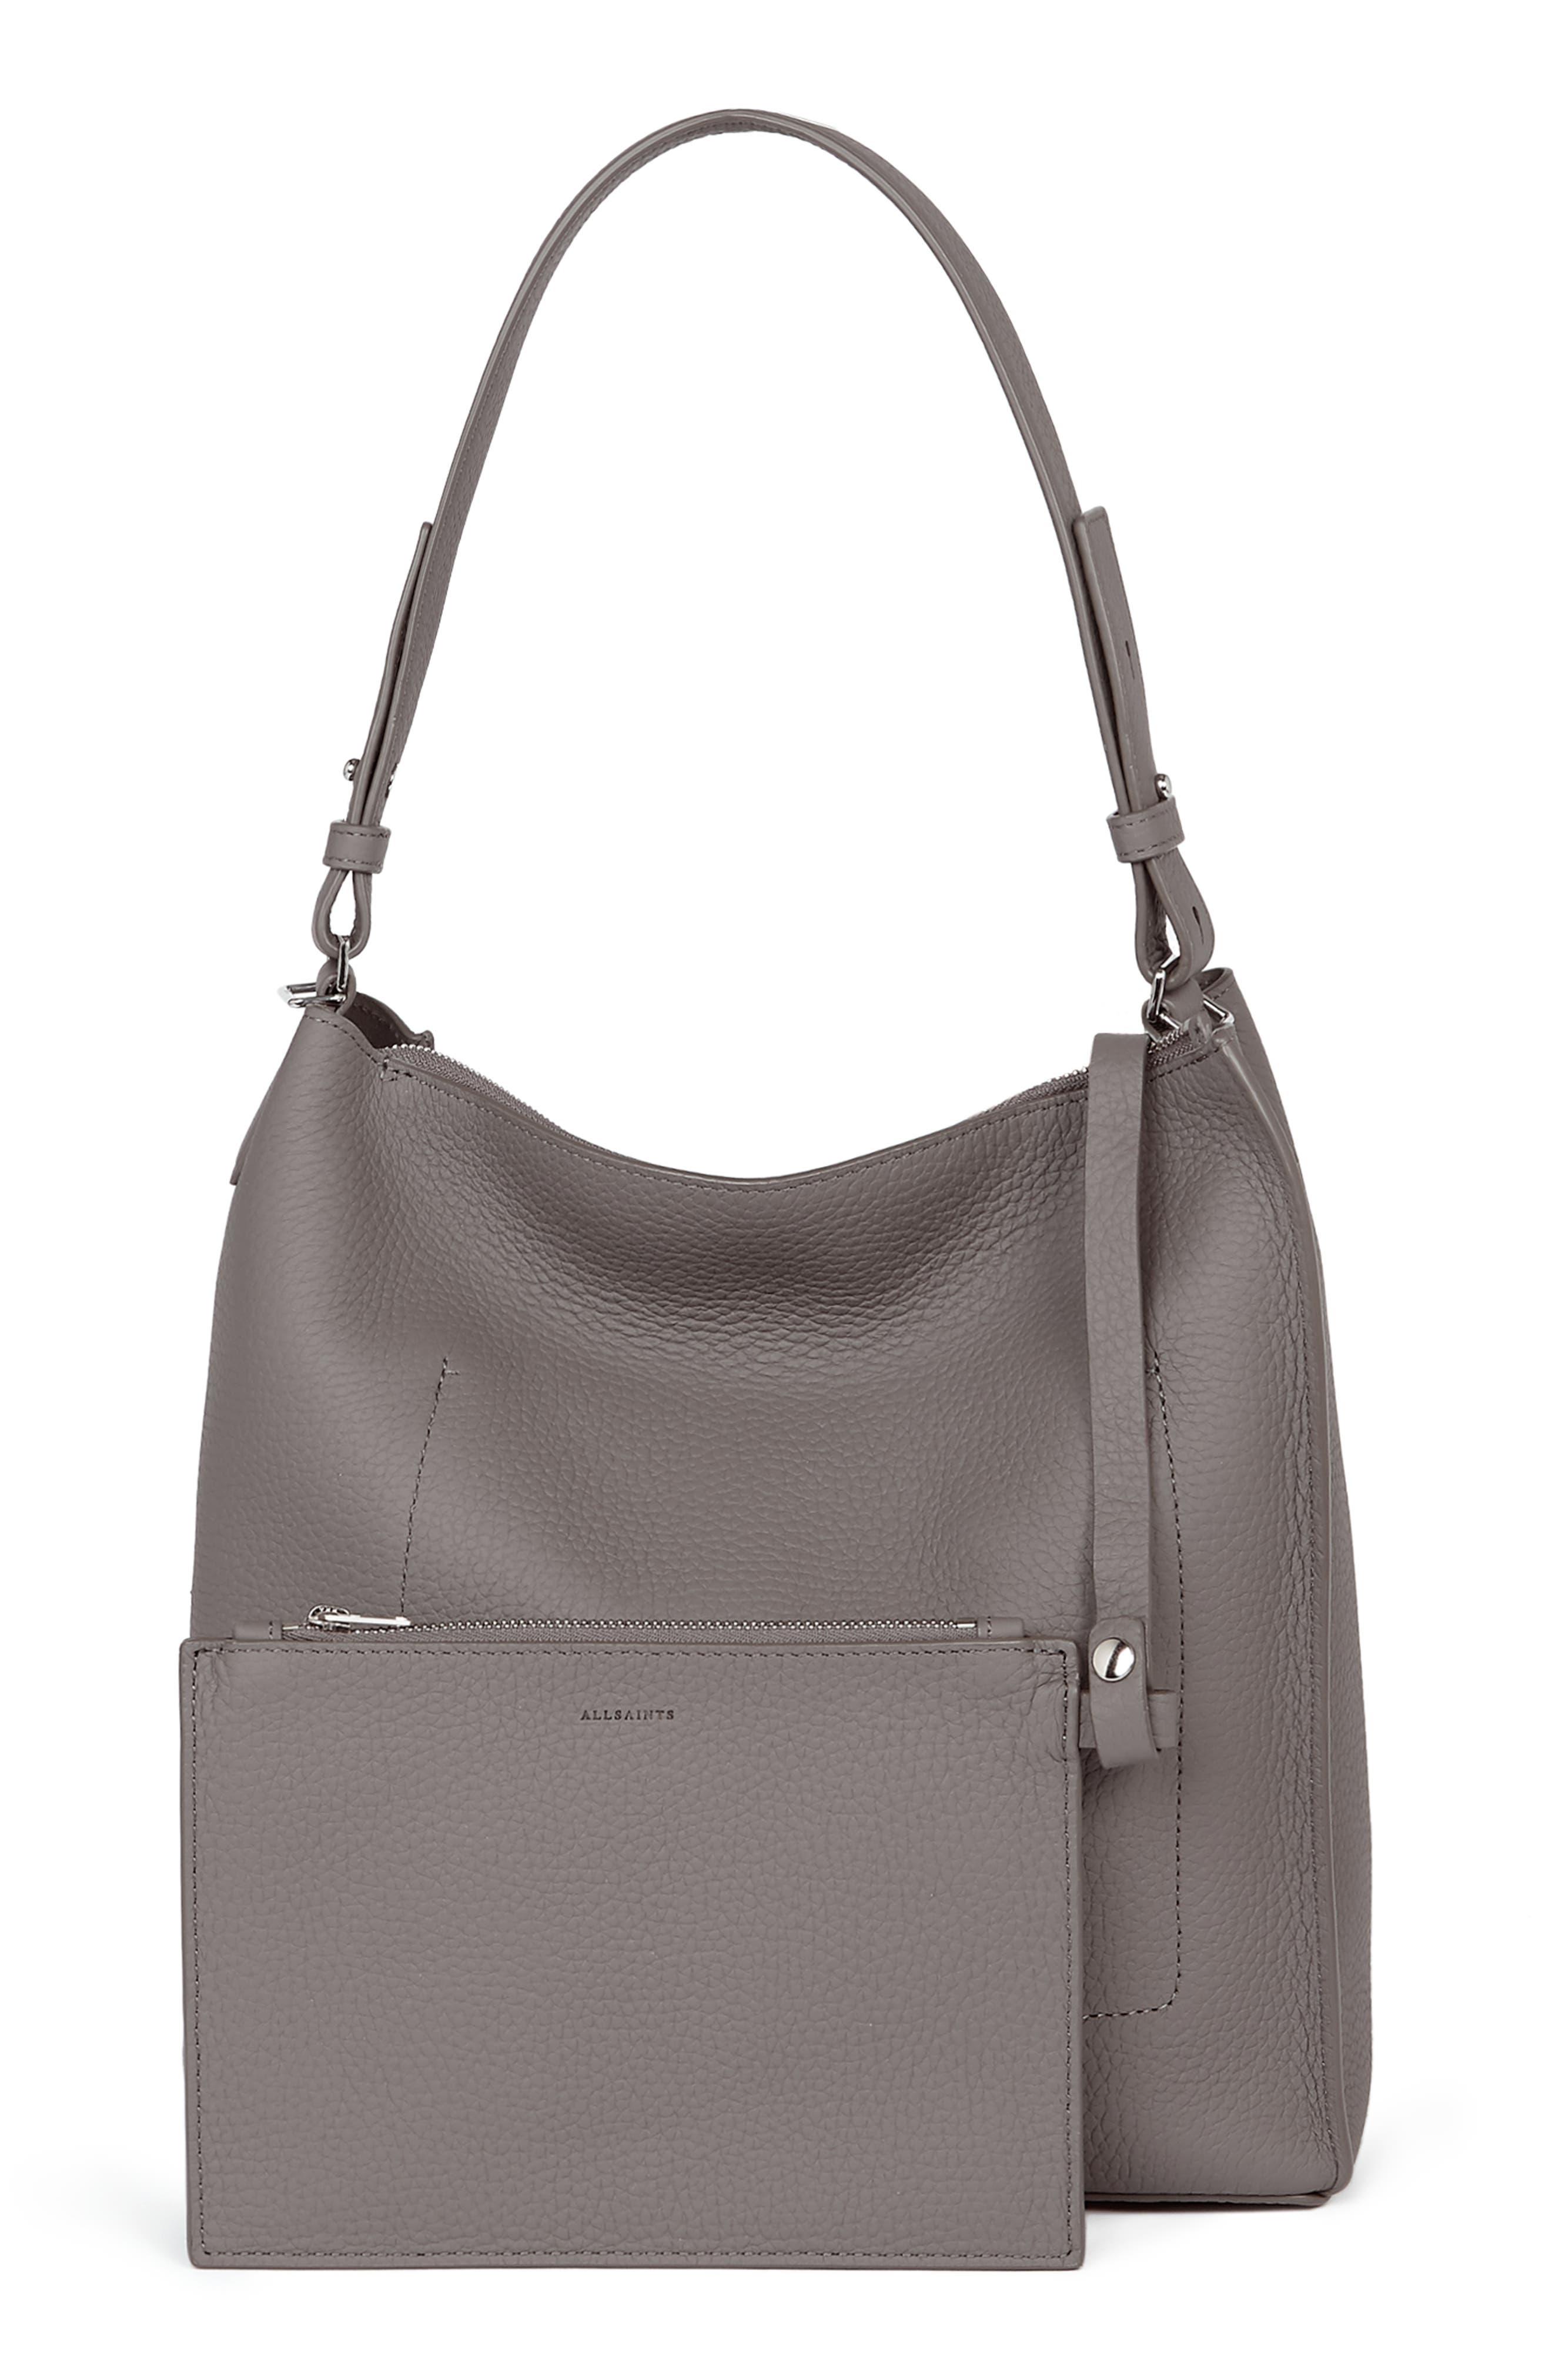 2b82d6b4c8e Crossbody Bags